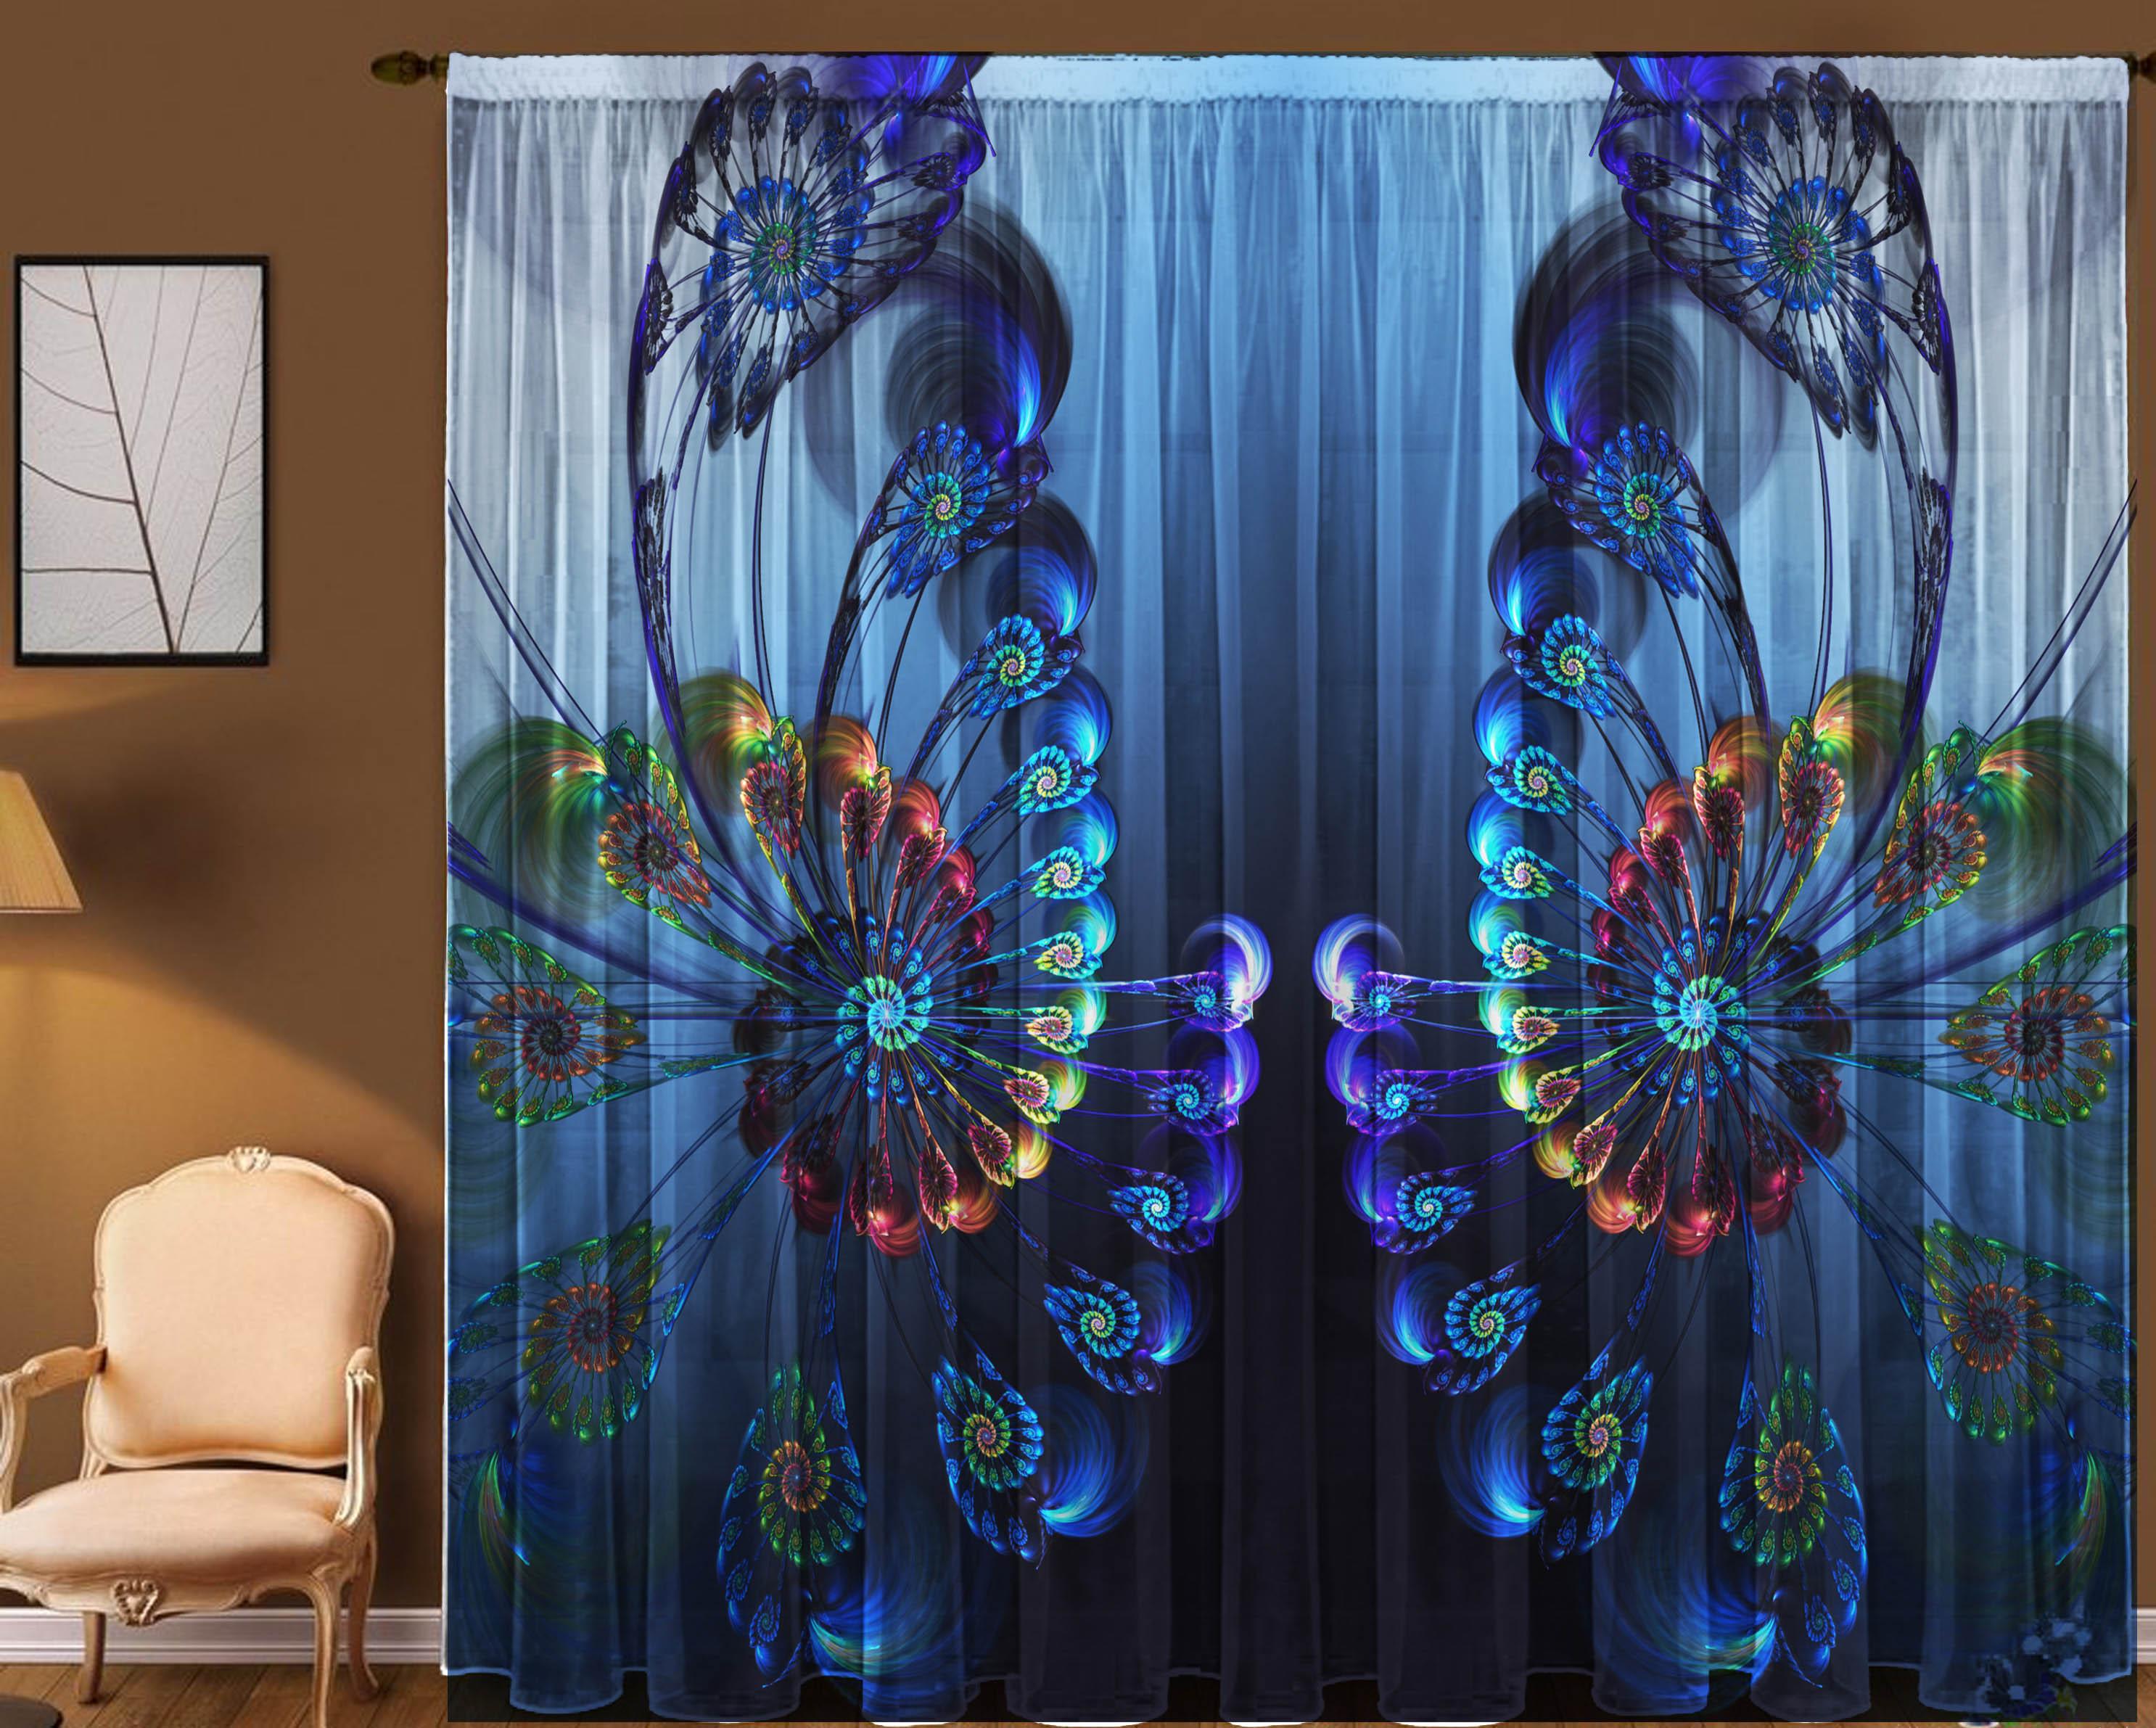 Шторы для комнатыДля комнаты<br>Чудесная тюль для комнаты, состоящая из двух полотен:  В комплекте: 2 полотна размером: 145 * 270 ± 5 см   Цвет: синий, мультицвет<br><br>Карниз: Однорядный<br>По материалу: Вуаль<br>По рисунку: Абстракция,Цветные,С принтом<br>По стилю: Классические шторы,Раздвижные шторы<br>Размеры: До пола<br>Размер : 290*270<br>Материал: Вуаль<br>Количество в наличии: 1